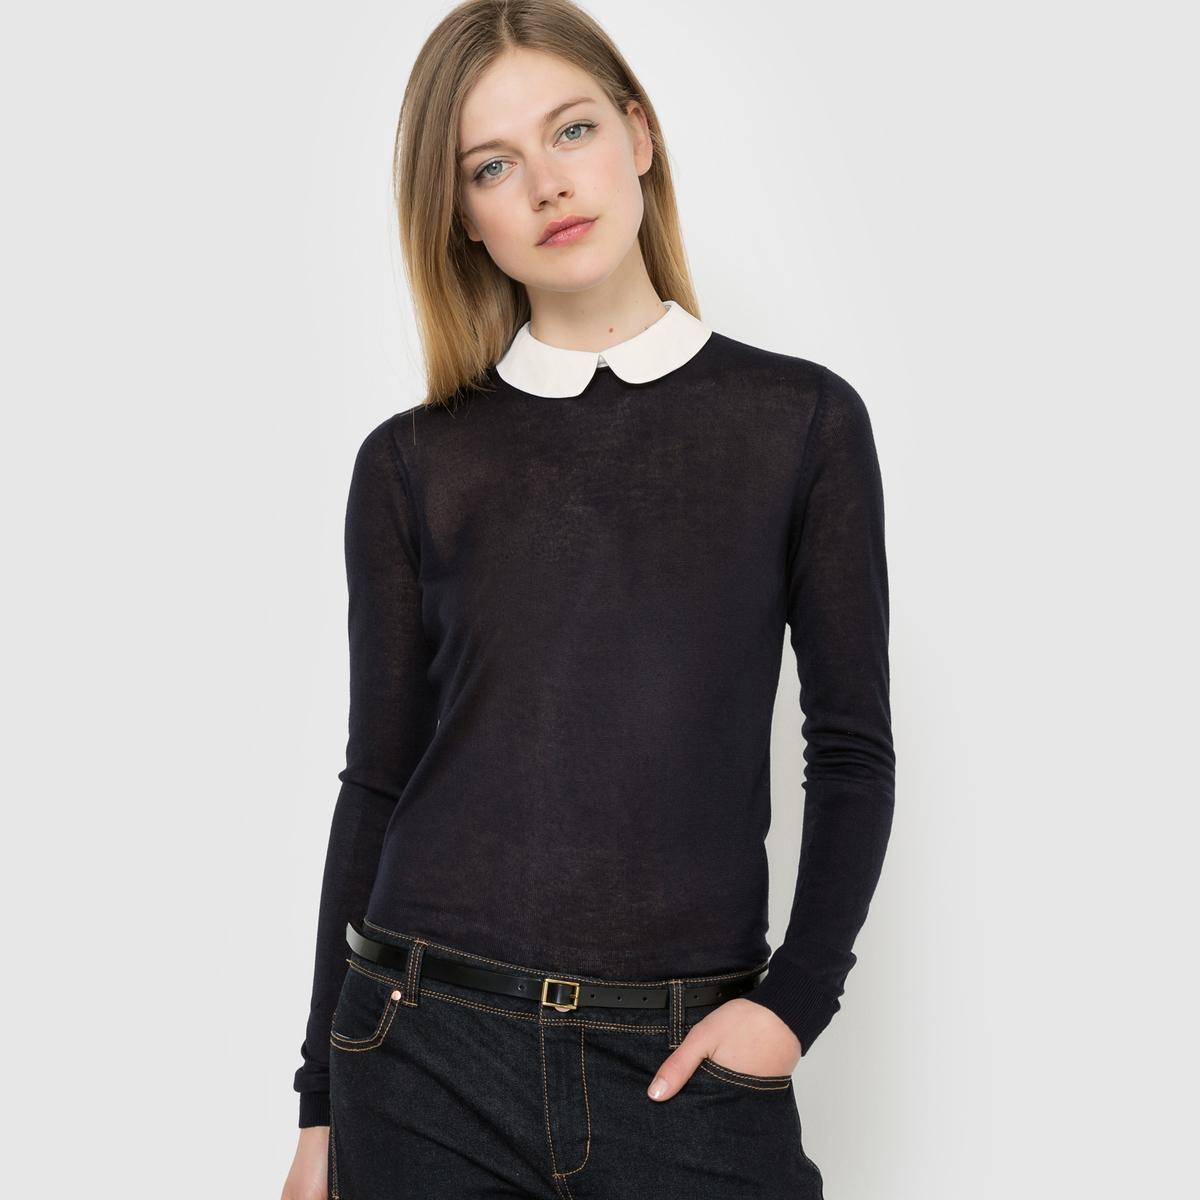 Пуловер с отложным закругленным воротником и длинными рукавамиУходСтирать при 30°C.<br><br>Цвет: серый меланж,синий морской,черный<br>Размер: 42/44 (FR) - 48/50 (RUS).50/52 (FR) - 56/58 (RUS).46/48 (FR) - 52/54 (RUS)